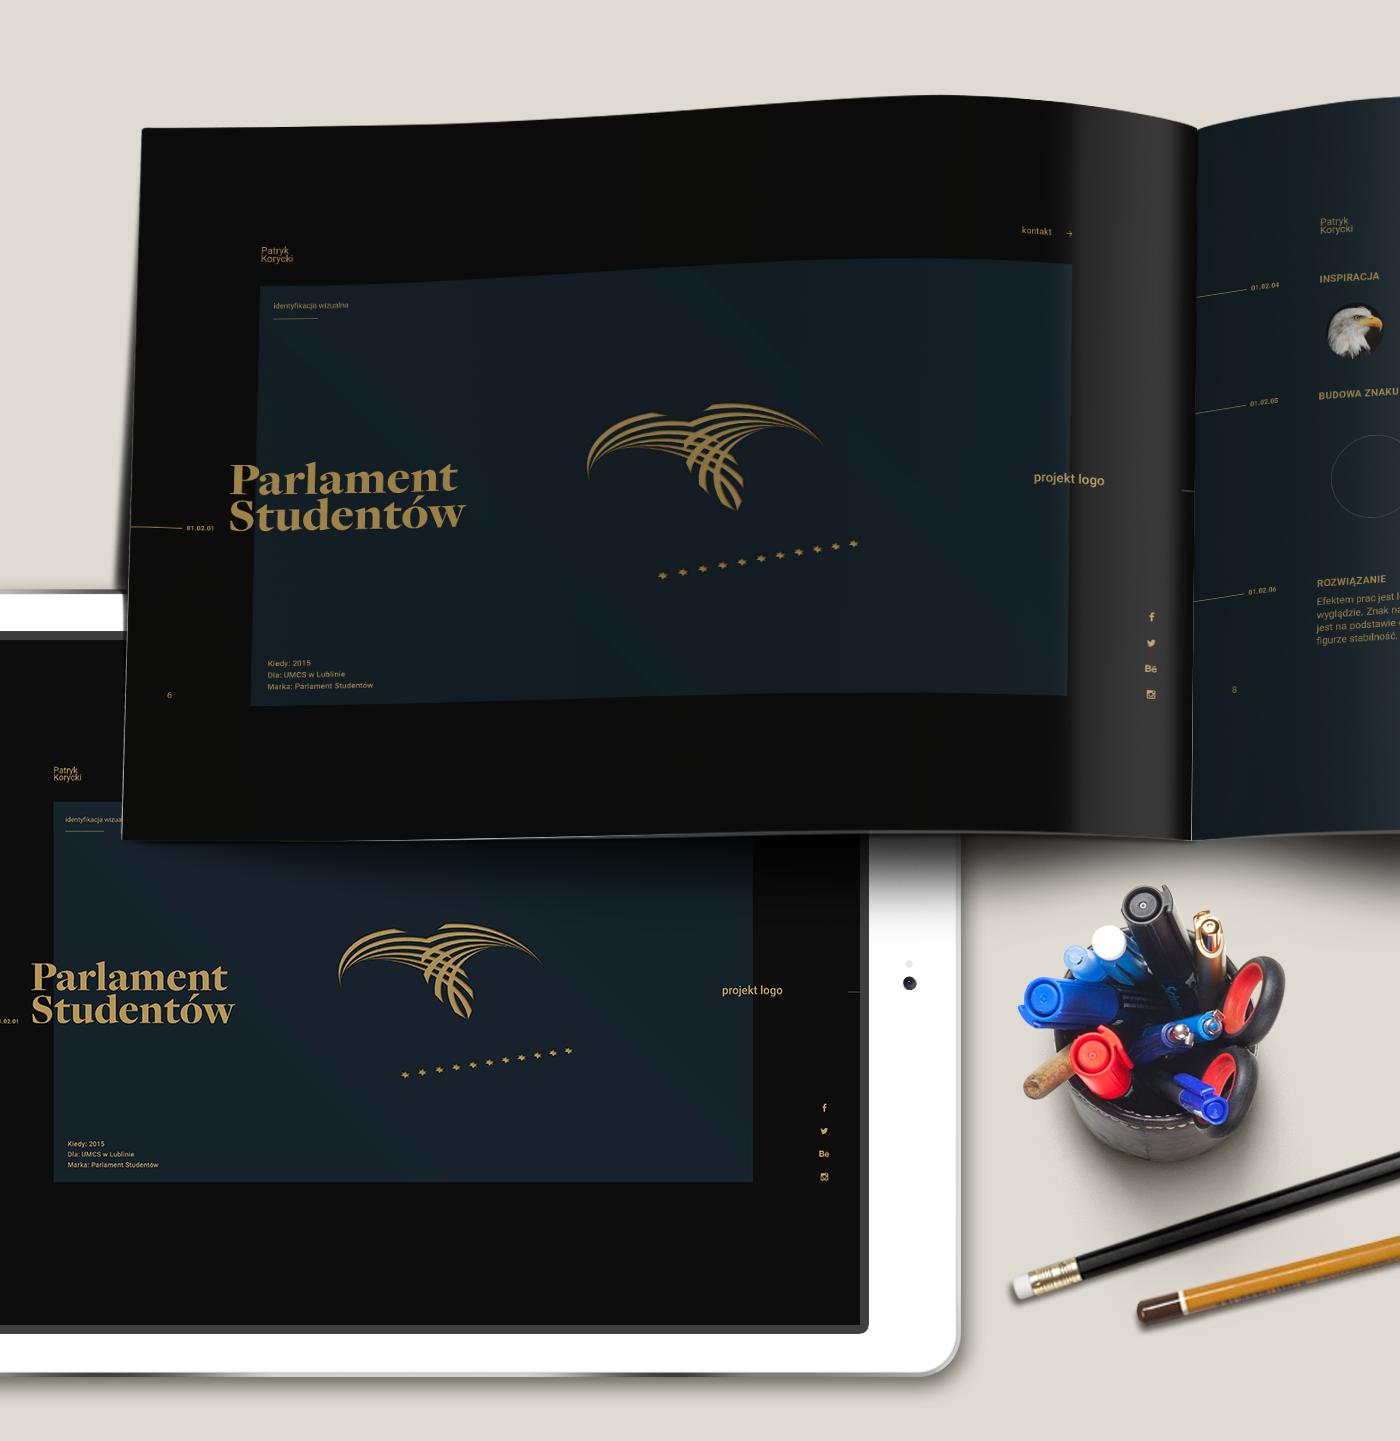 Resume CV Curriculum Vitae free download Edited Illustrator minimalistic polish korycki